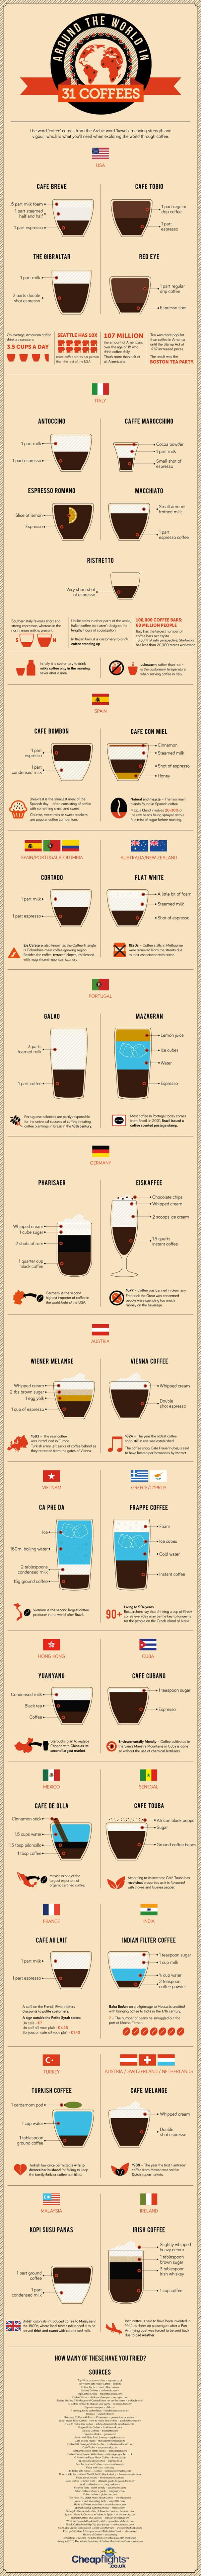 manieren om koffie te drinken, koffievarianten